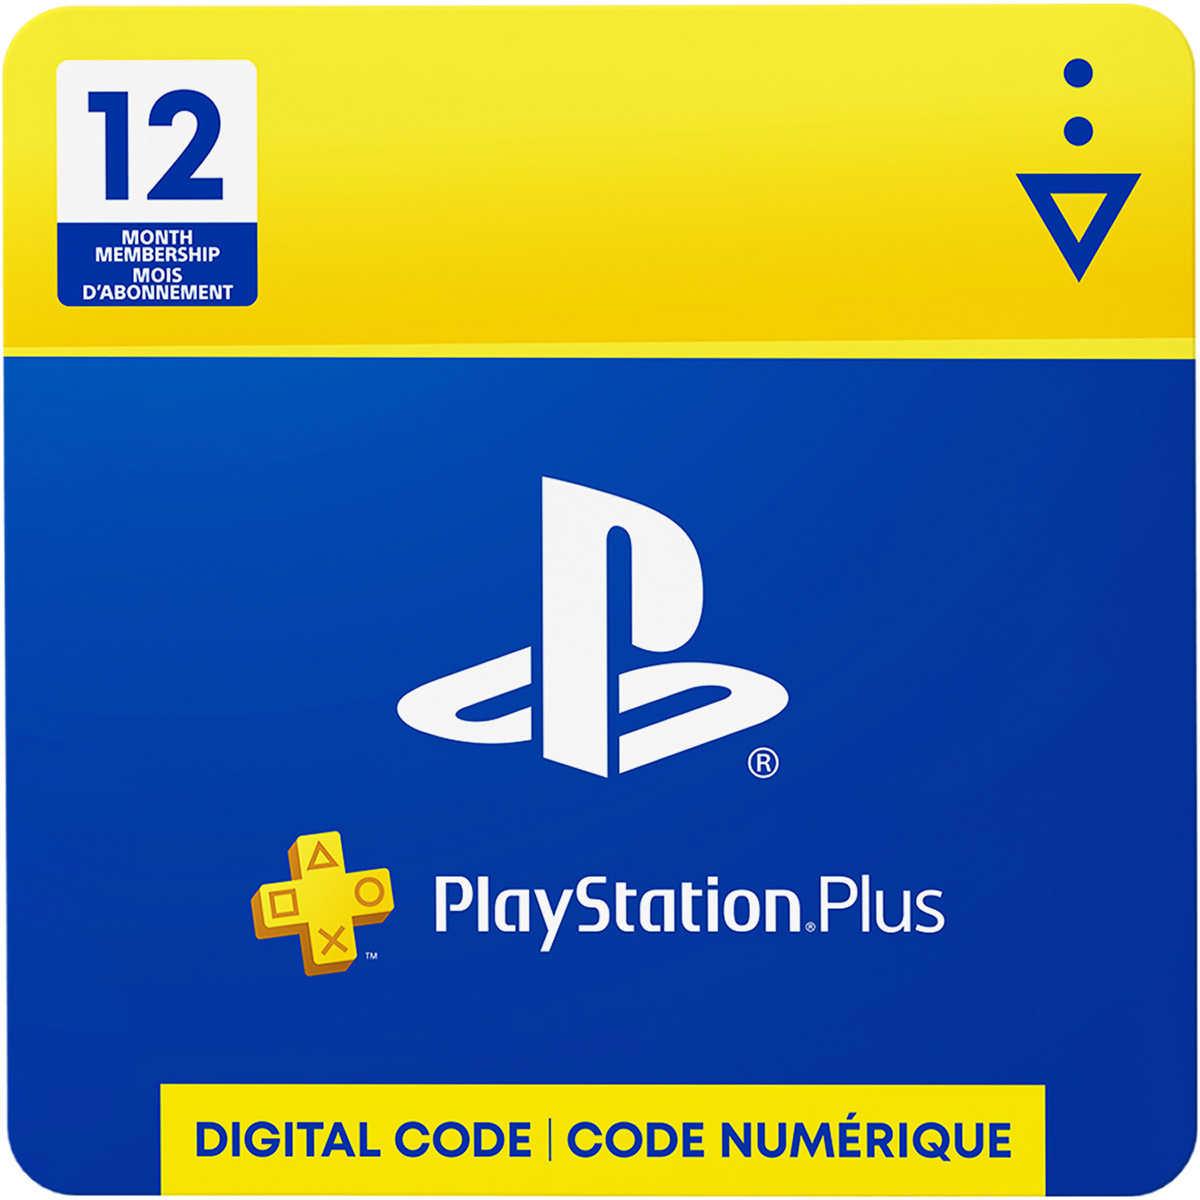 Playstation Plus 12 Month Membership Digital Download